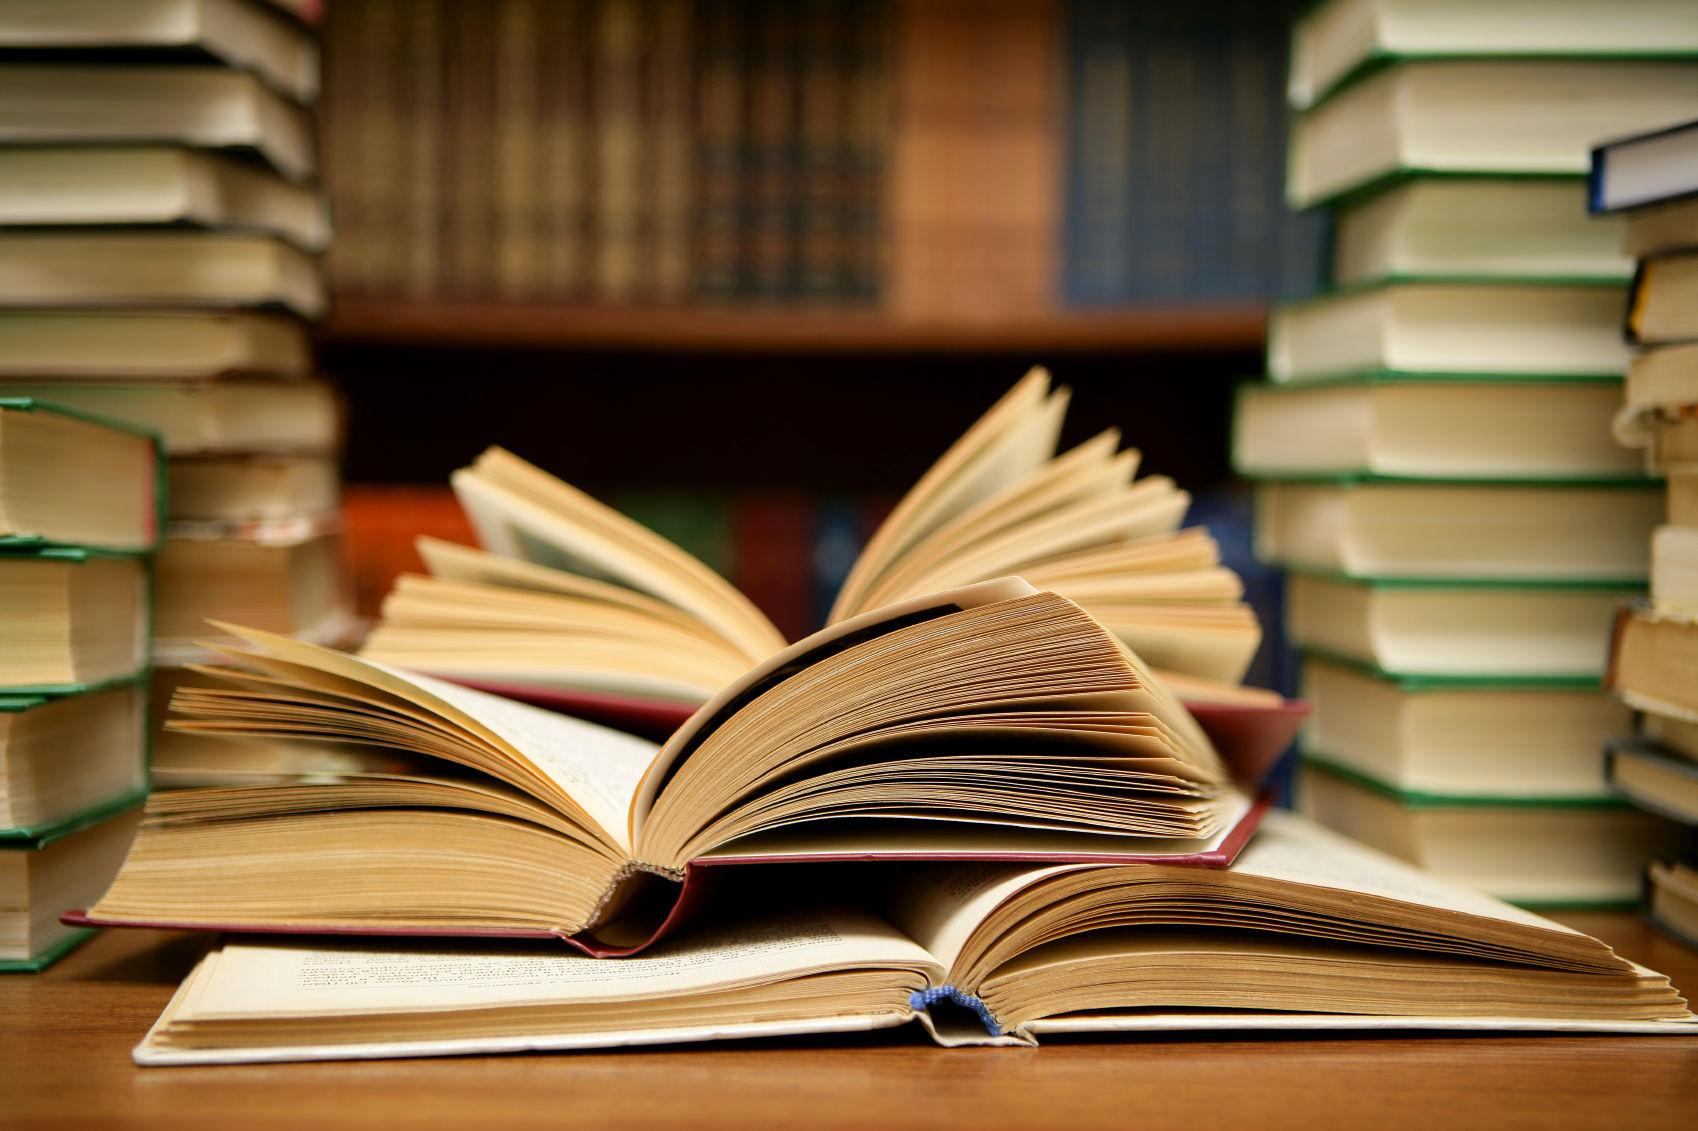 265 - ¿Cuánto sabes de literatura?